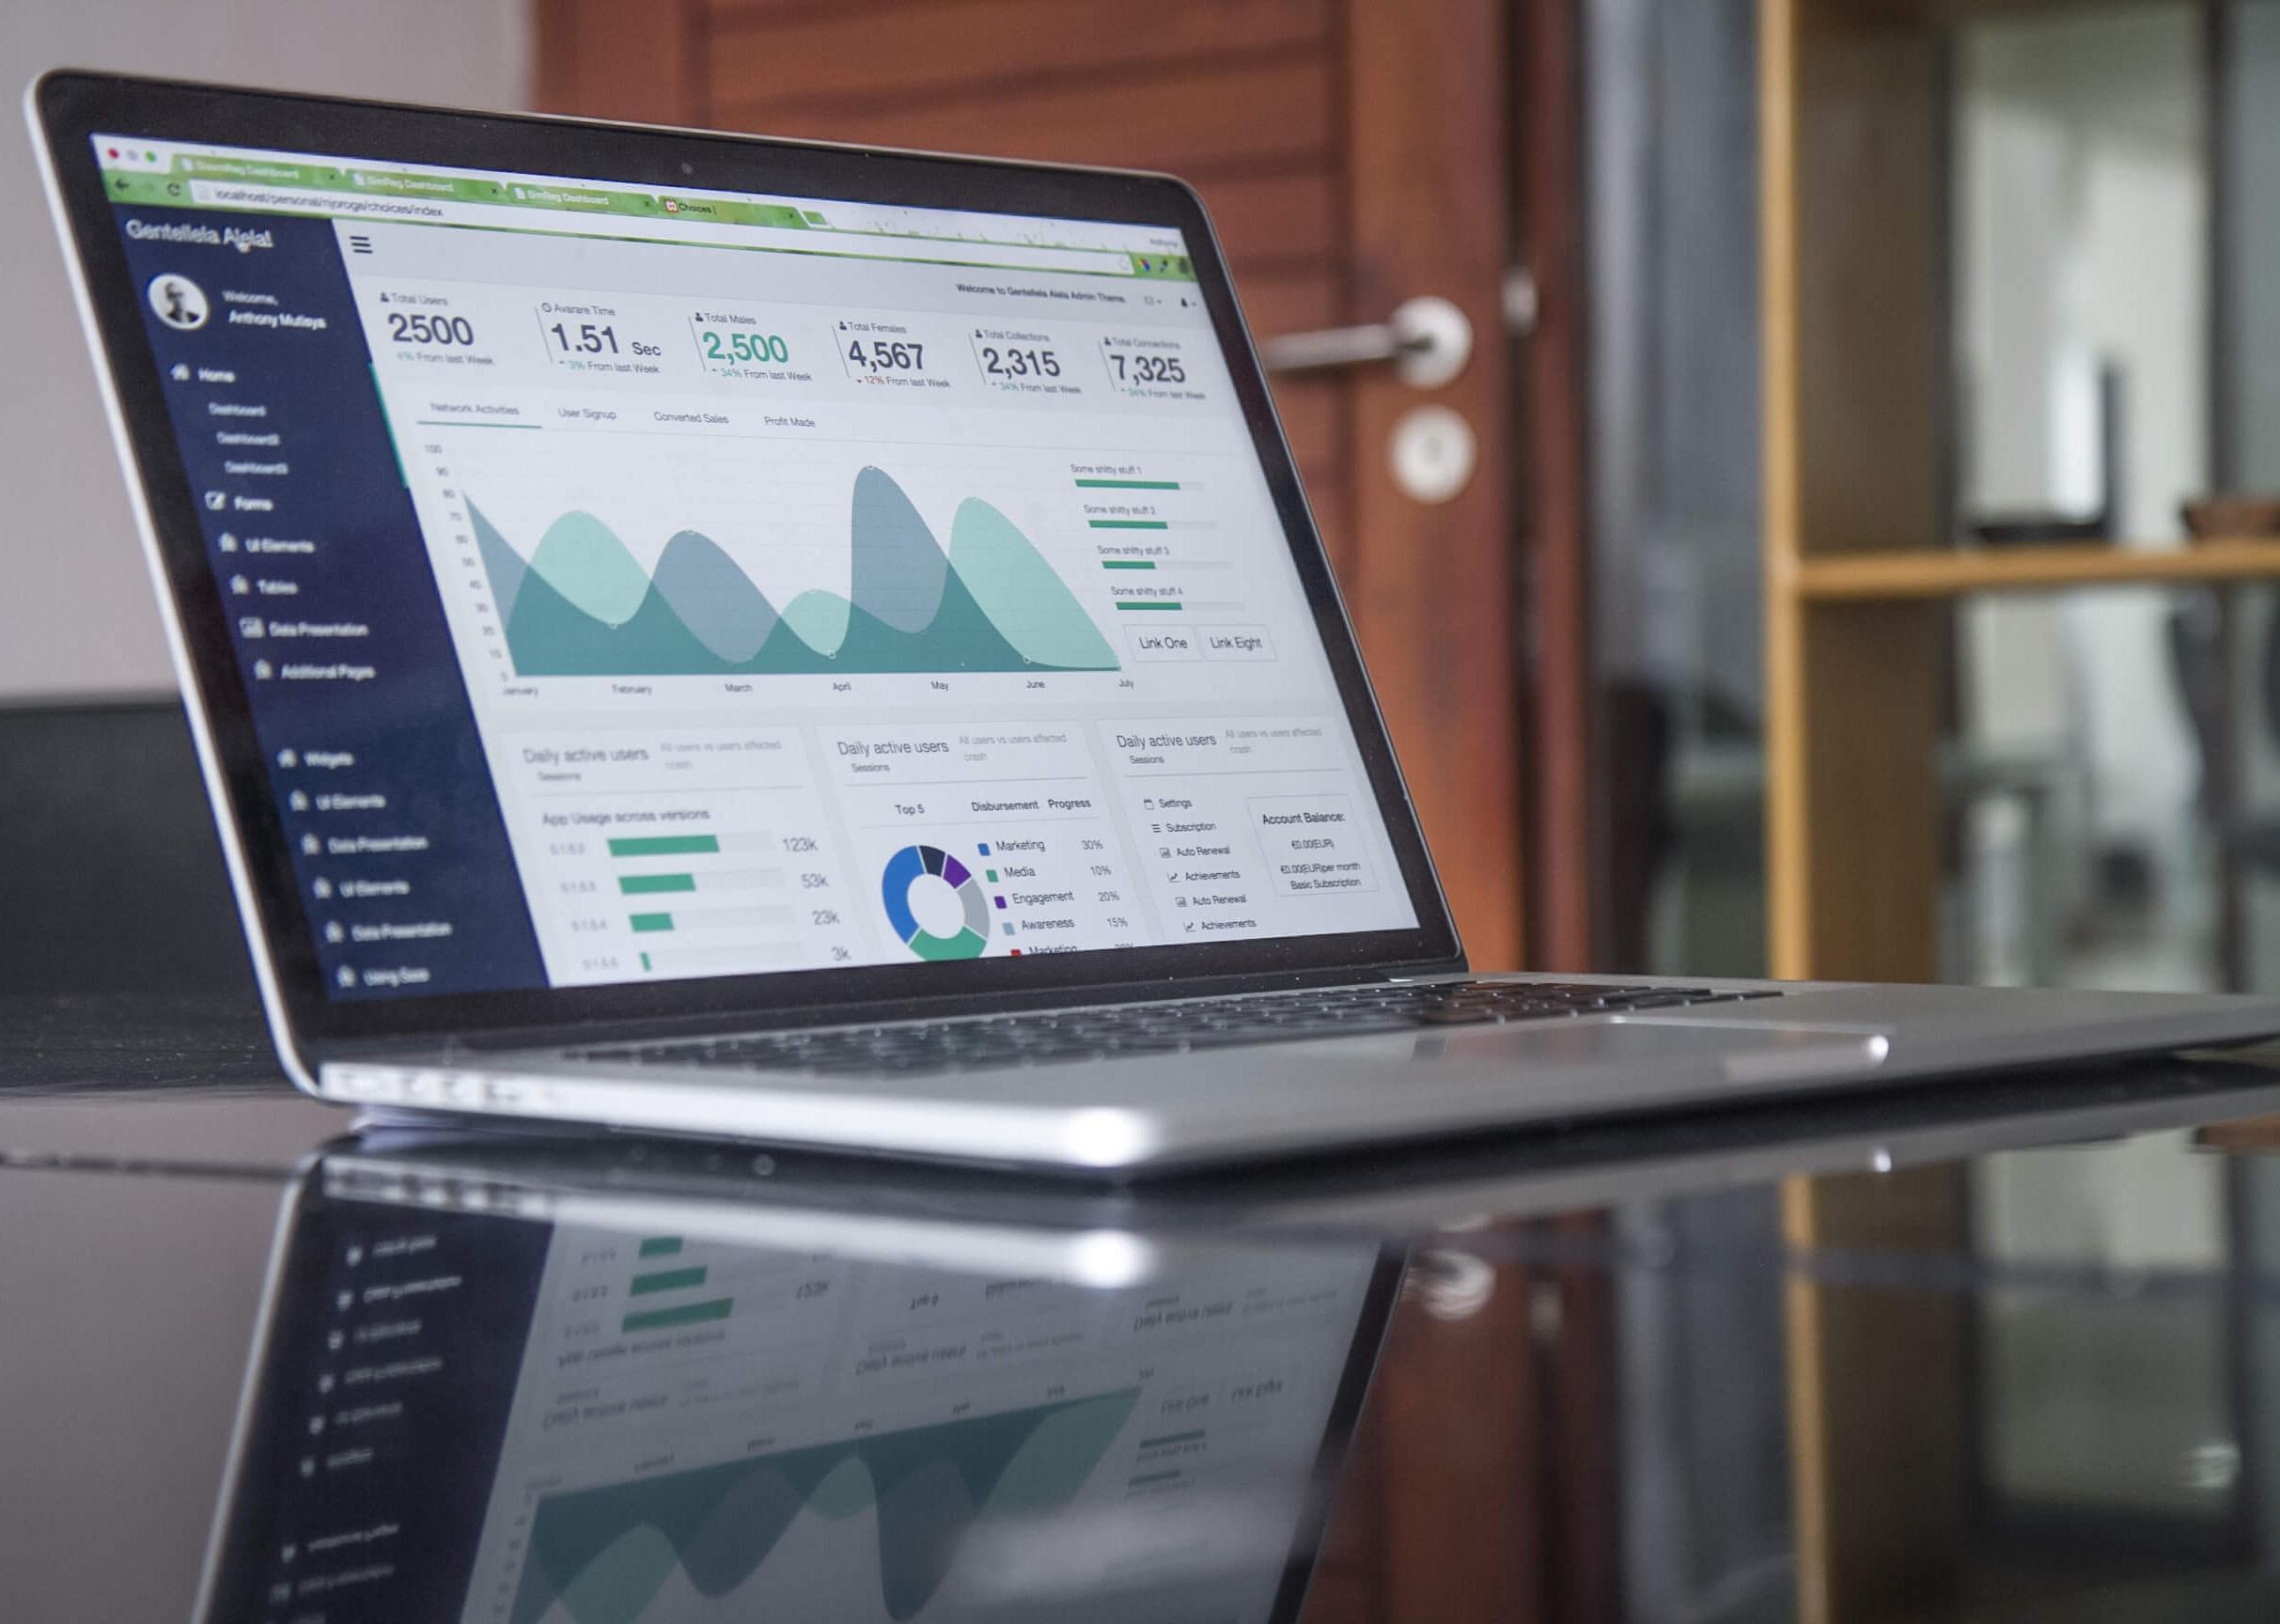 Service Desk Analyst